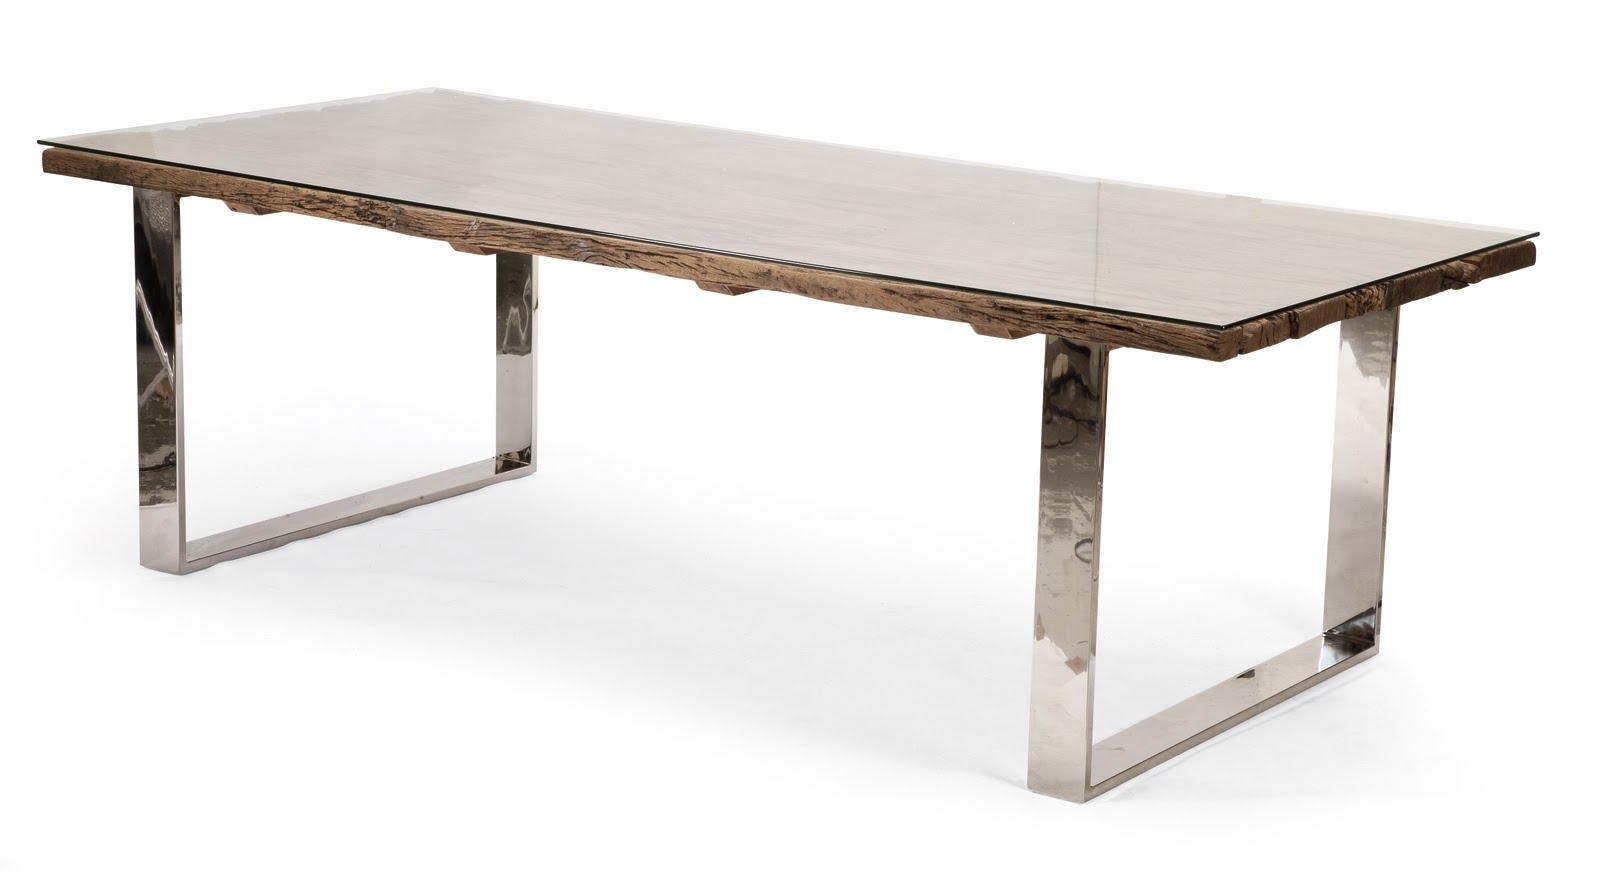 Slettvoll bord